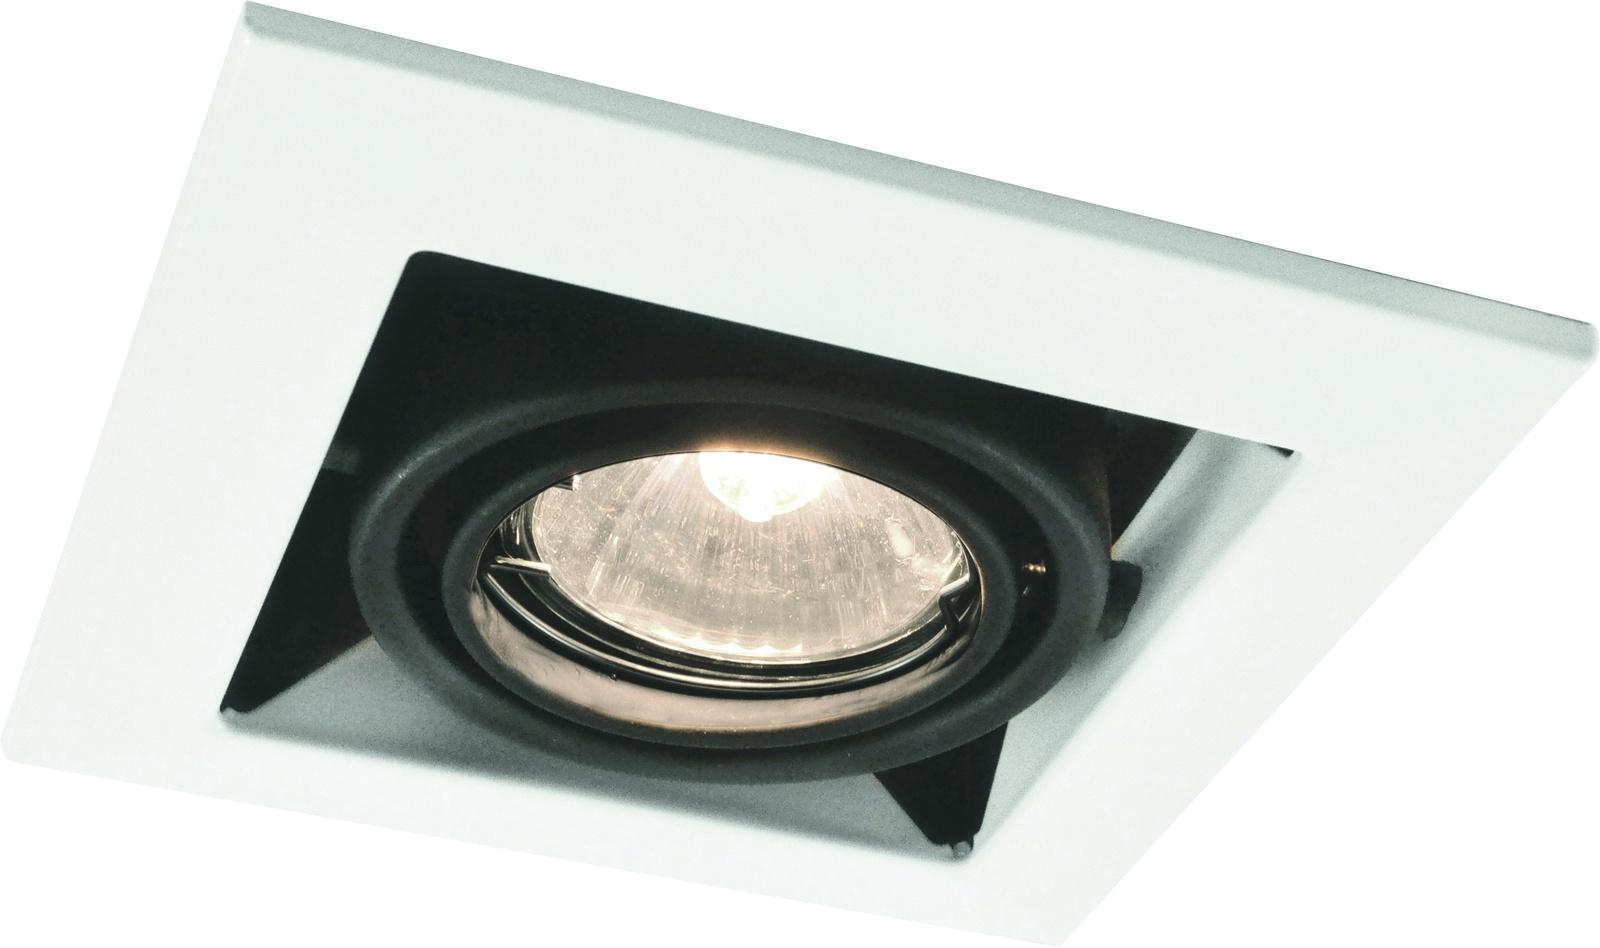 Встраиваемый светильник Arte Lamp A5941PL-1WH, GU10, 50 Вт arte lamp встраиваемый светильник arte lamp cardani white a5941pl 4wh